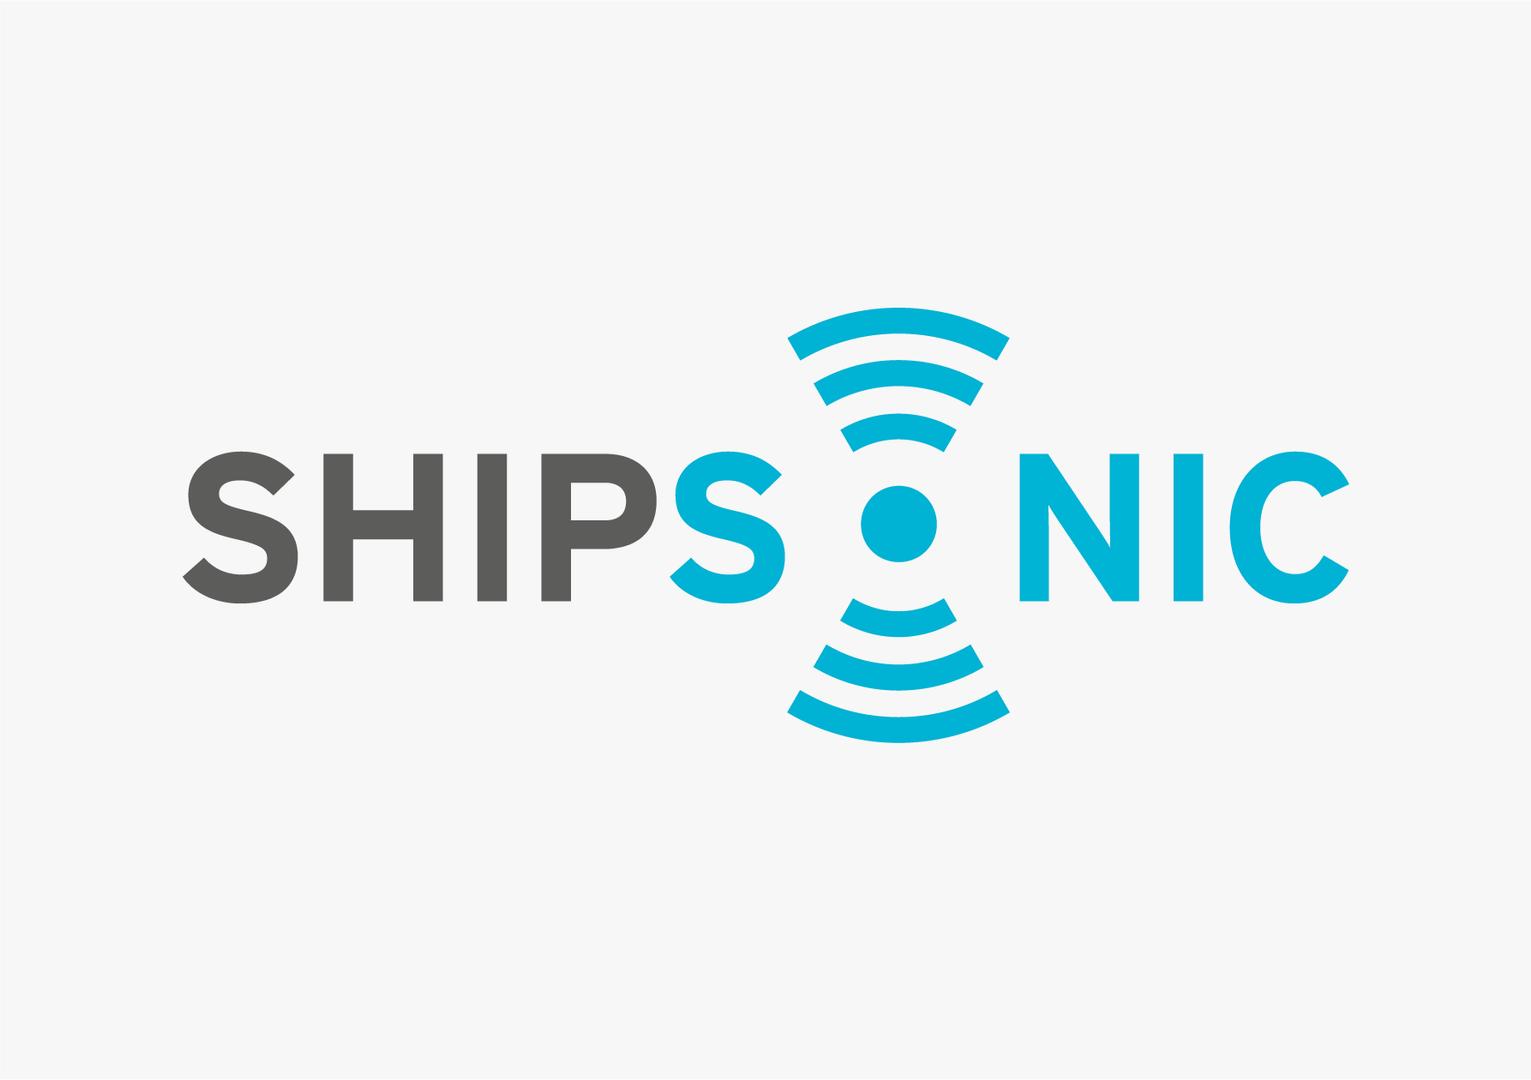 Shipsonic - ultrasonic antifouling voor de zeevaart